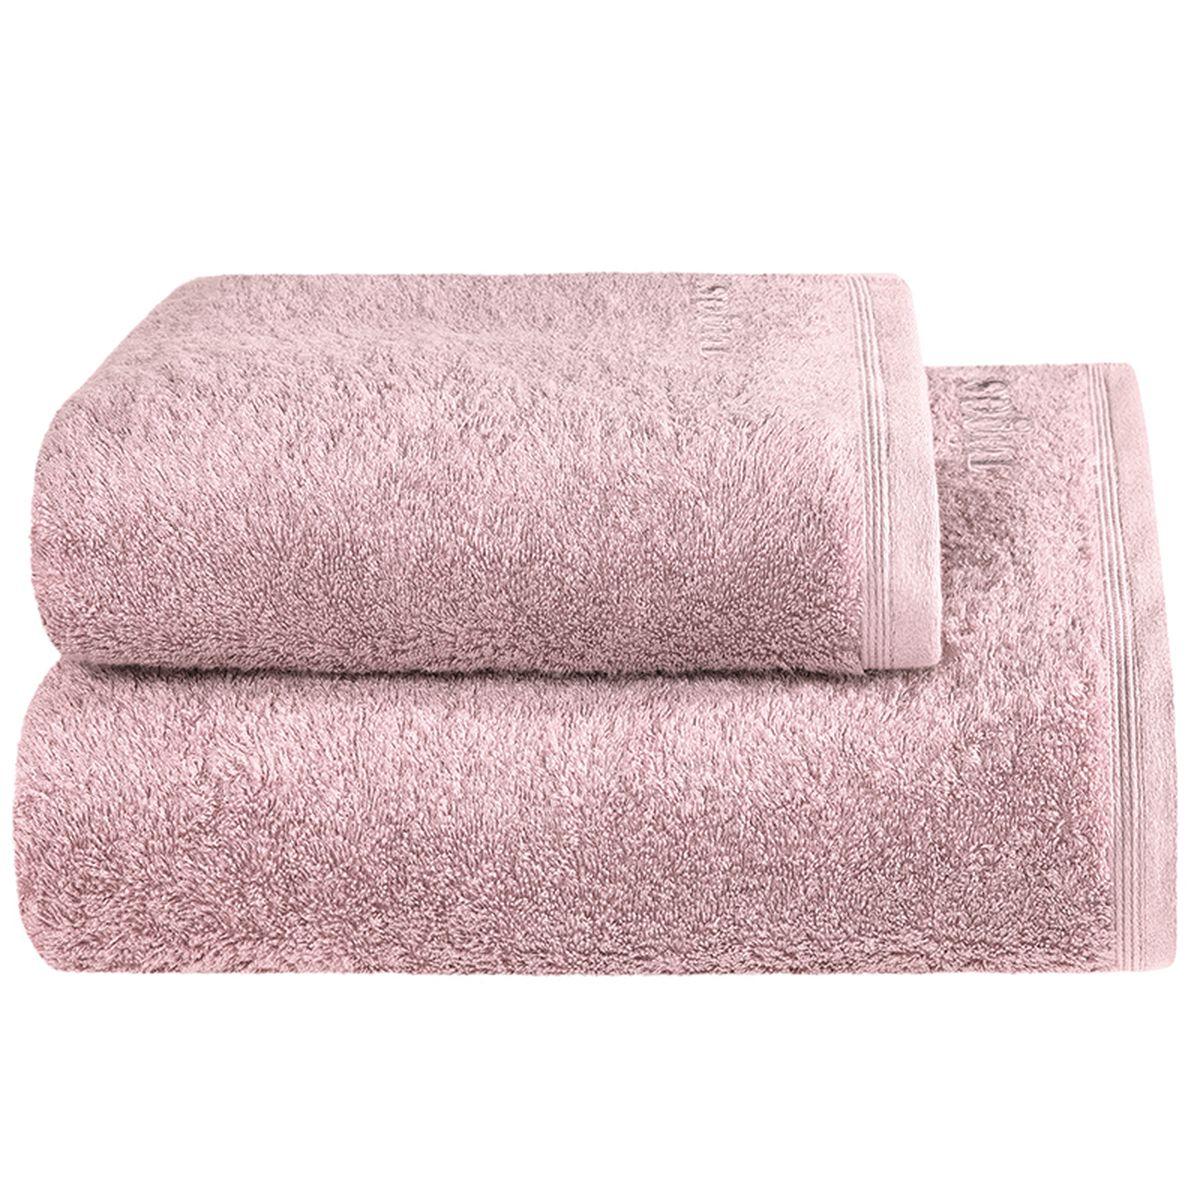 Полотенце Togas Пуатье, цвет: розовый, 50 х 100 см531-105Полотенце Togas Пуатье невероятно гармонично сочетает в себе лучшие качества современного махрового текстиля. Безупречные по качеству, экологичное полотенце из 70% хлопка и 30% модала идеально заботится о вашей коже, особенно после душа, когда вы расслаблены и особо уязвимы. Деликатный дизайн полотенца Togas «Пуатье» - воплощение изысканной простоты, где на первый план выходит качество материала. Невероятно мягкое волокно модал, превосходящее по своим свойствам даже хлопок, позволяет улучшить впитывающие качества полотенца и делает его удивительно мягким. Модал - это 100% натуральное, экологически чистое целлюлозное волокно. Оно производится без применения каких-либо химических примесей, поэтому абсолютно гипоаллергенно.Полотенце Togas Пуатье, обладающее идеальными качествами, будет поднимать вам настроение.